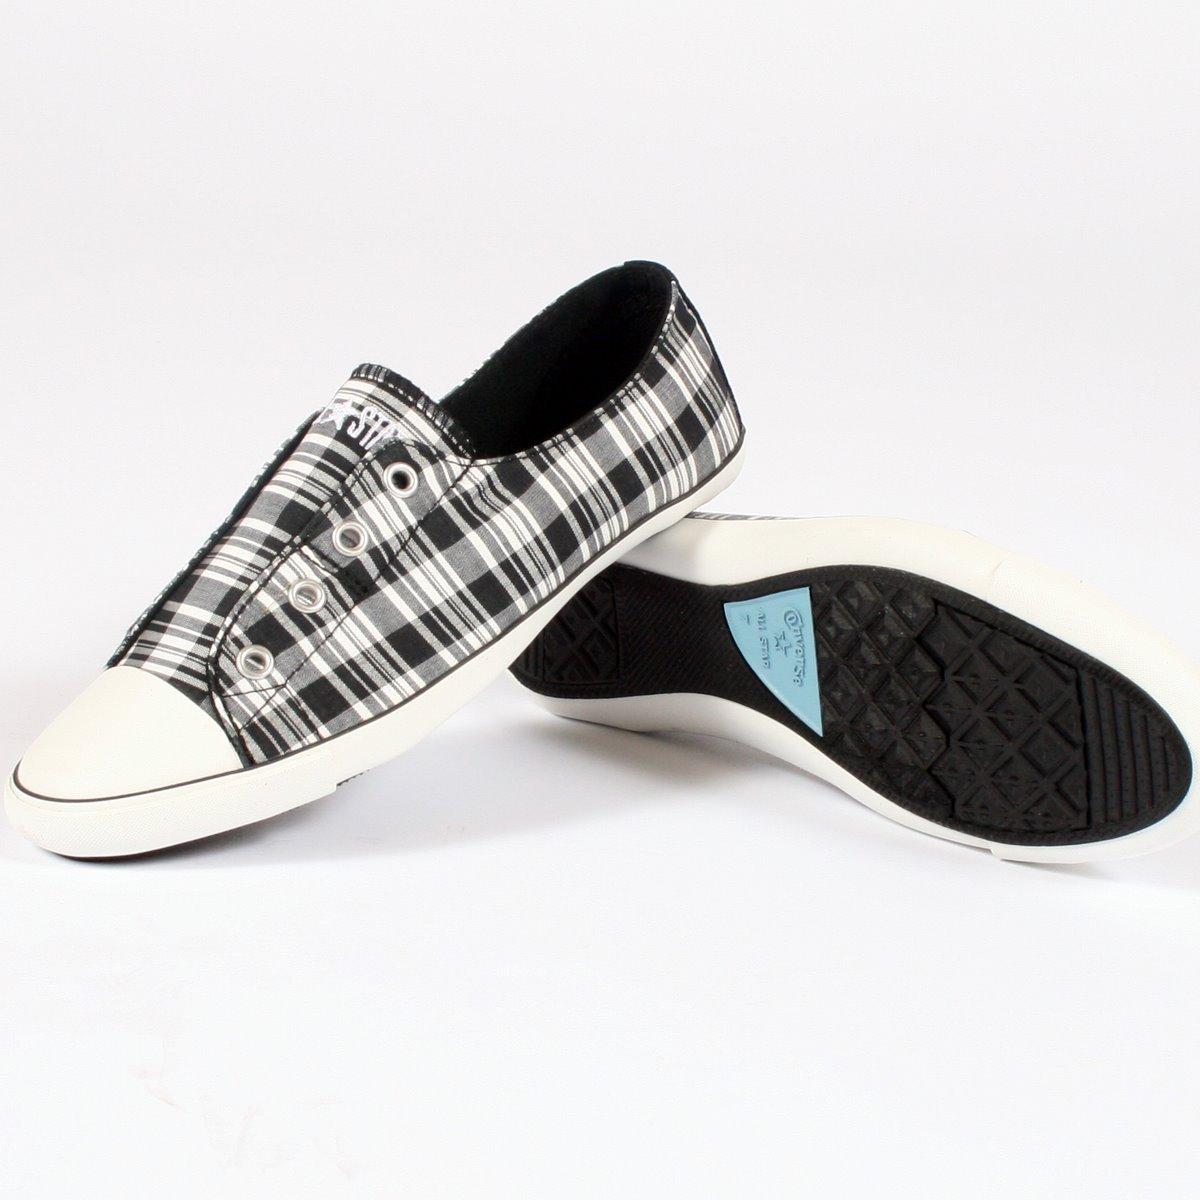 Converse All Star Slip On Low Top Schuhe in schwarz weiß